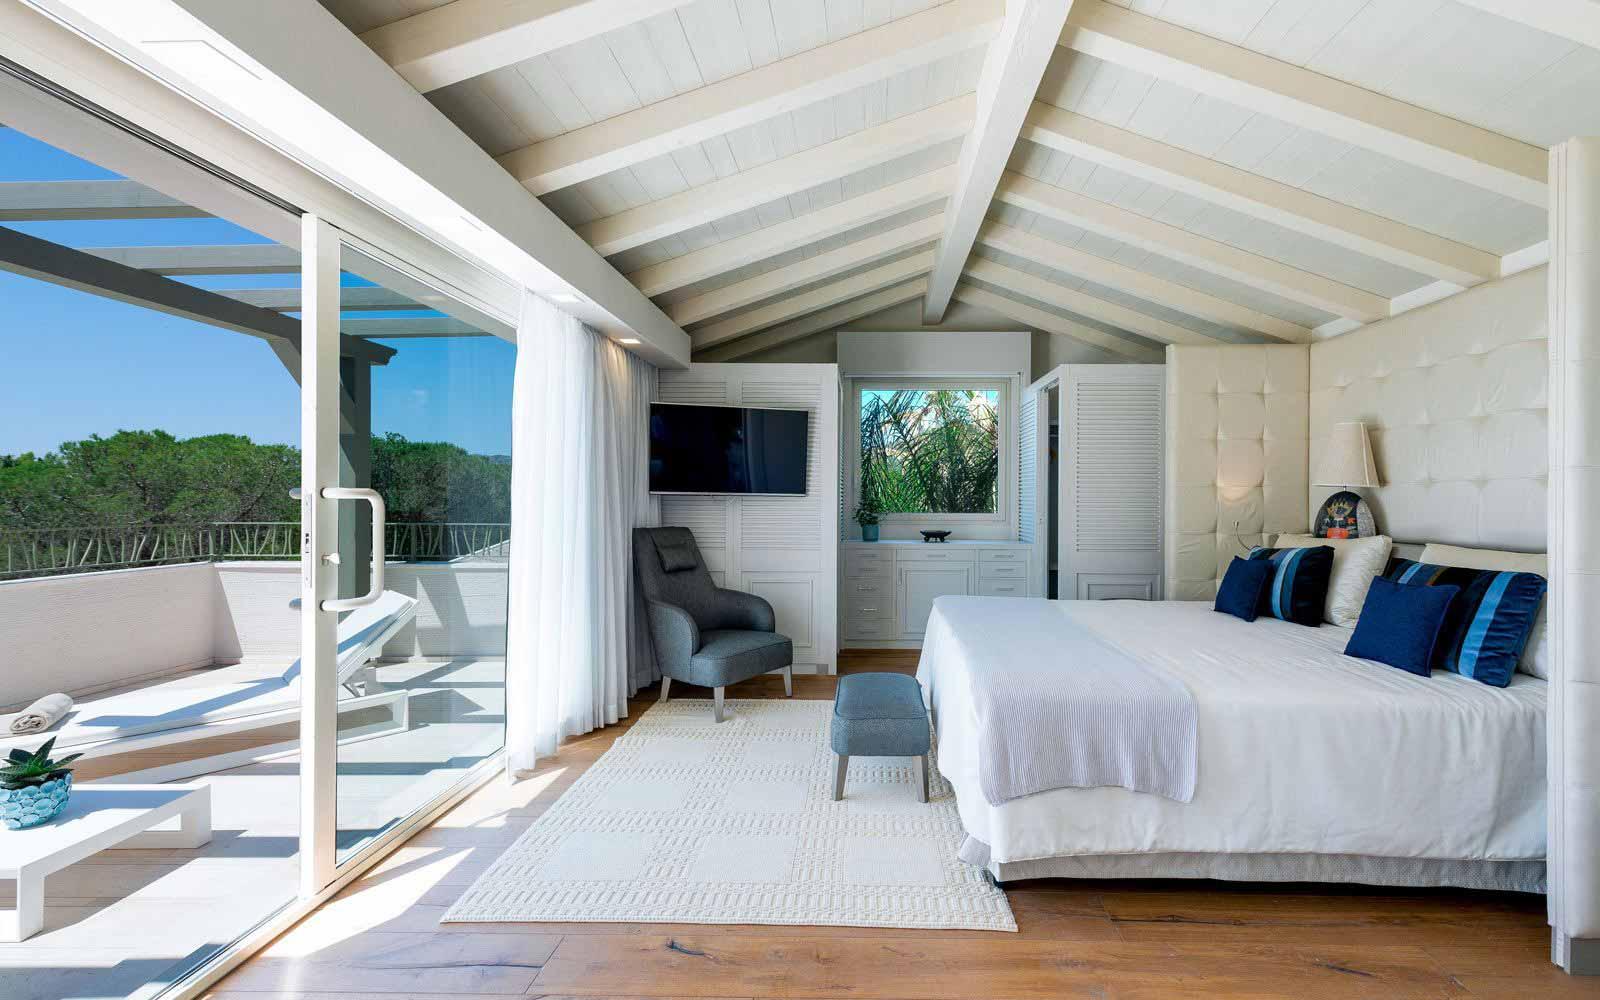 Villa Sofia bedroom at Forte Village Resort